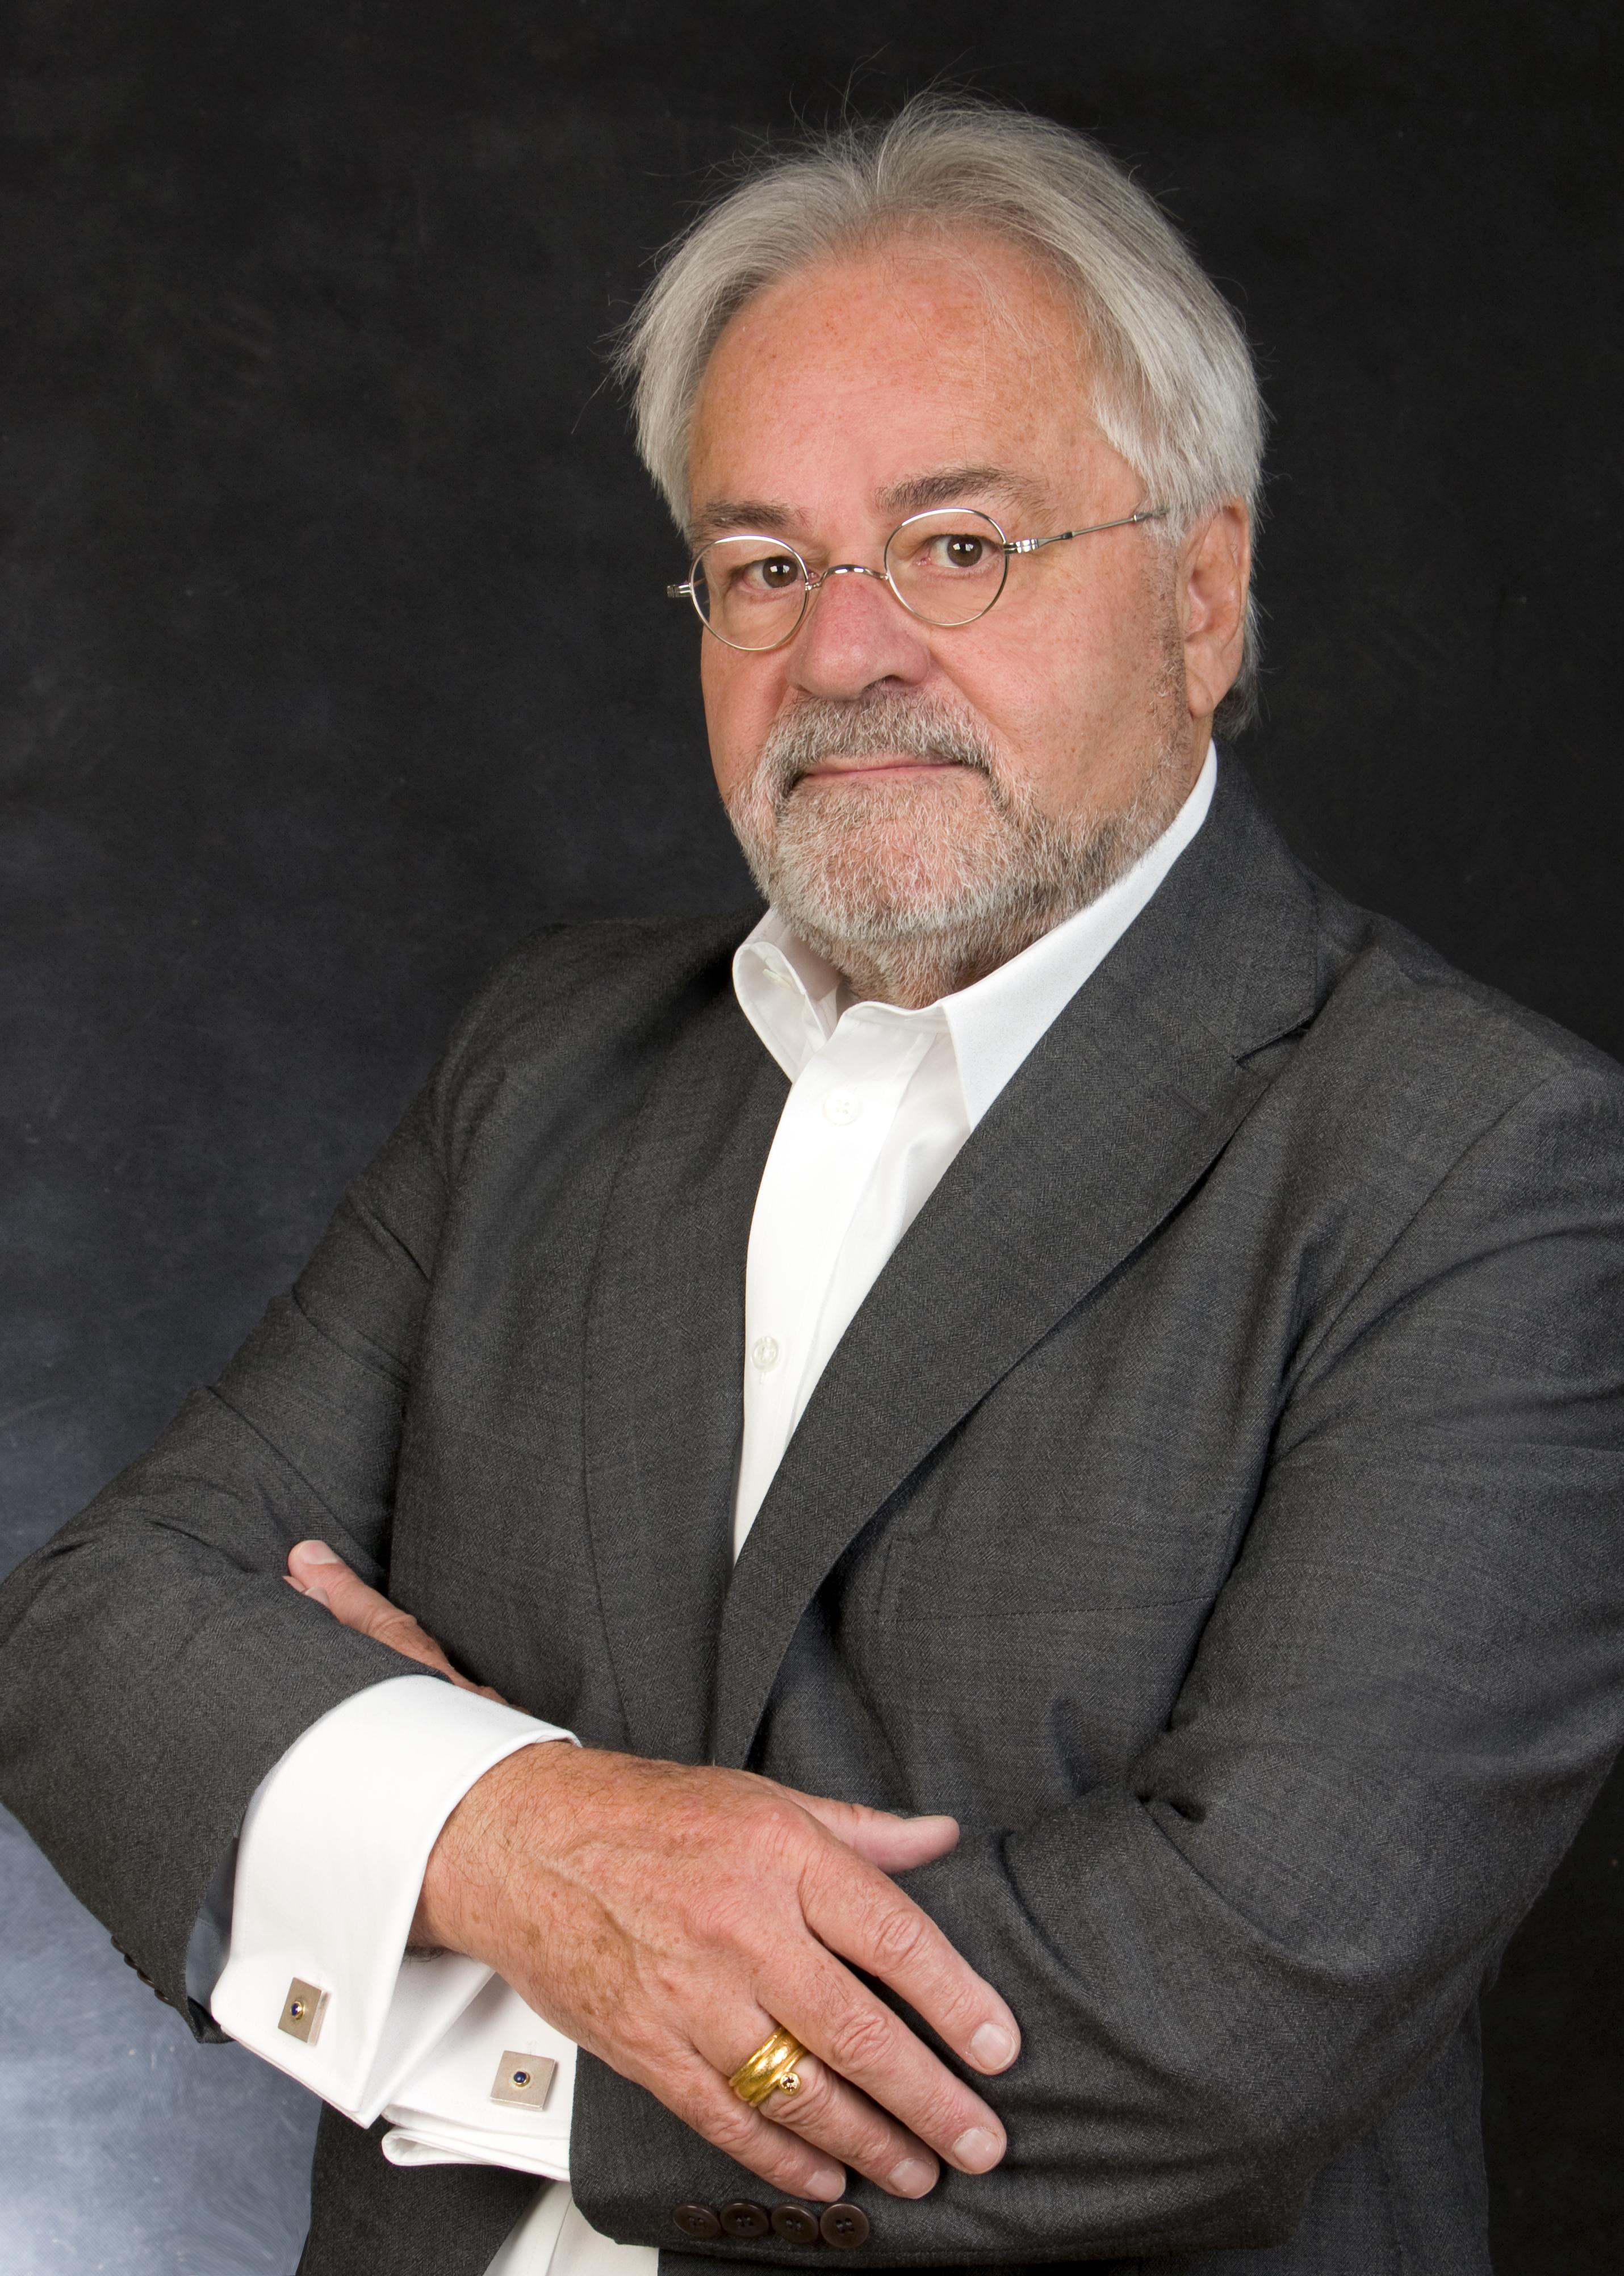 Hans-Peter Schwintowski